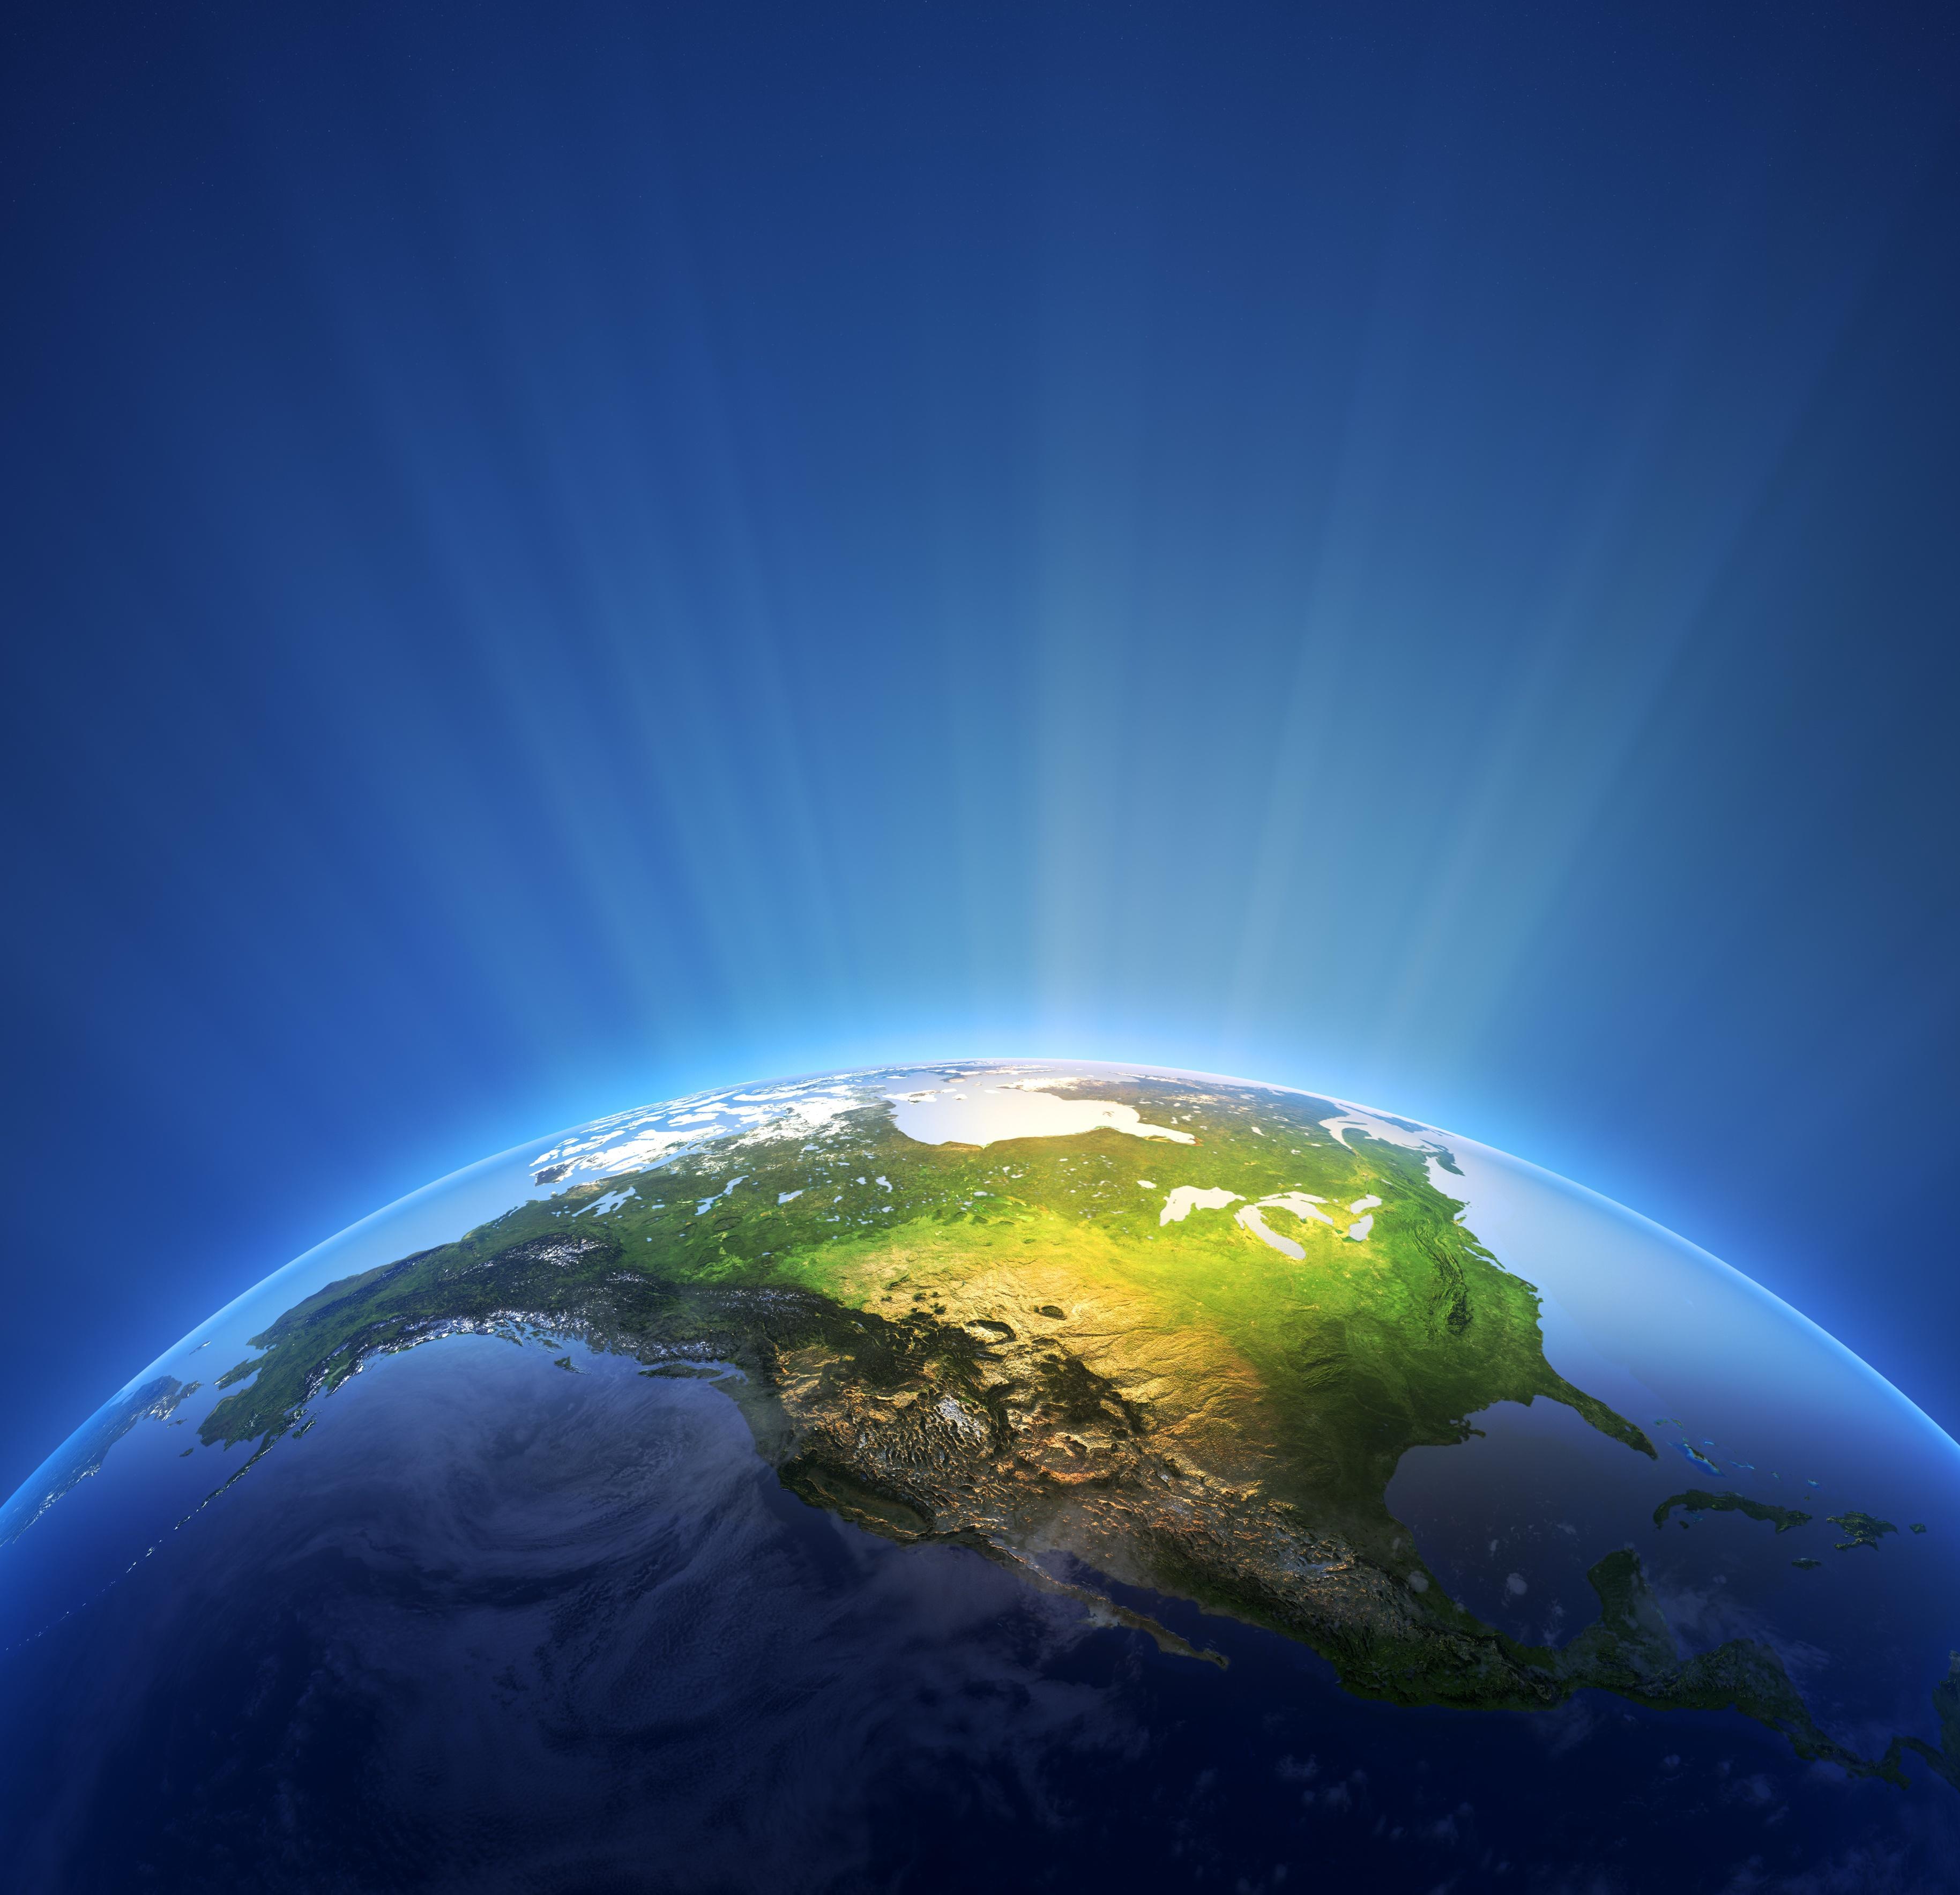 O alto consumo de produtos e materiais está diminuindo os recursos naturais do nosso planeta